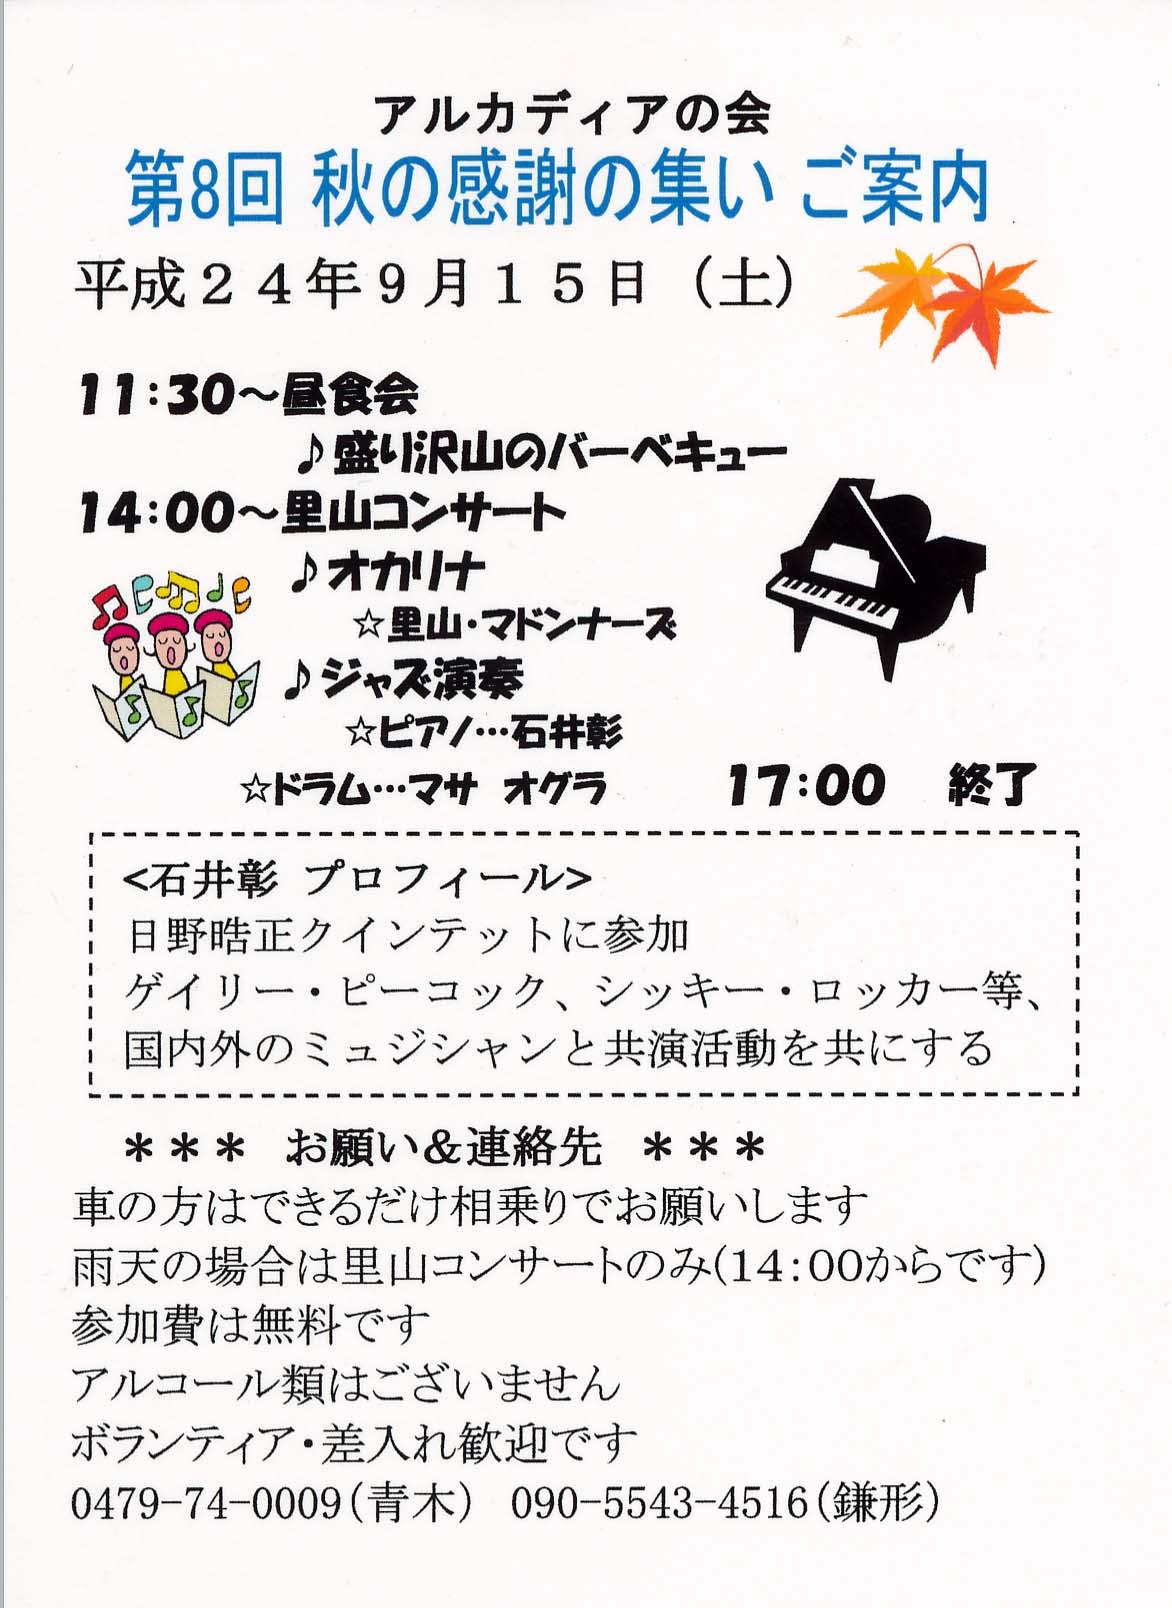 9/15(土)のお知らせ_c0186580_10212998.jpg